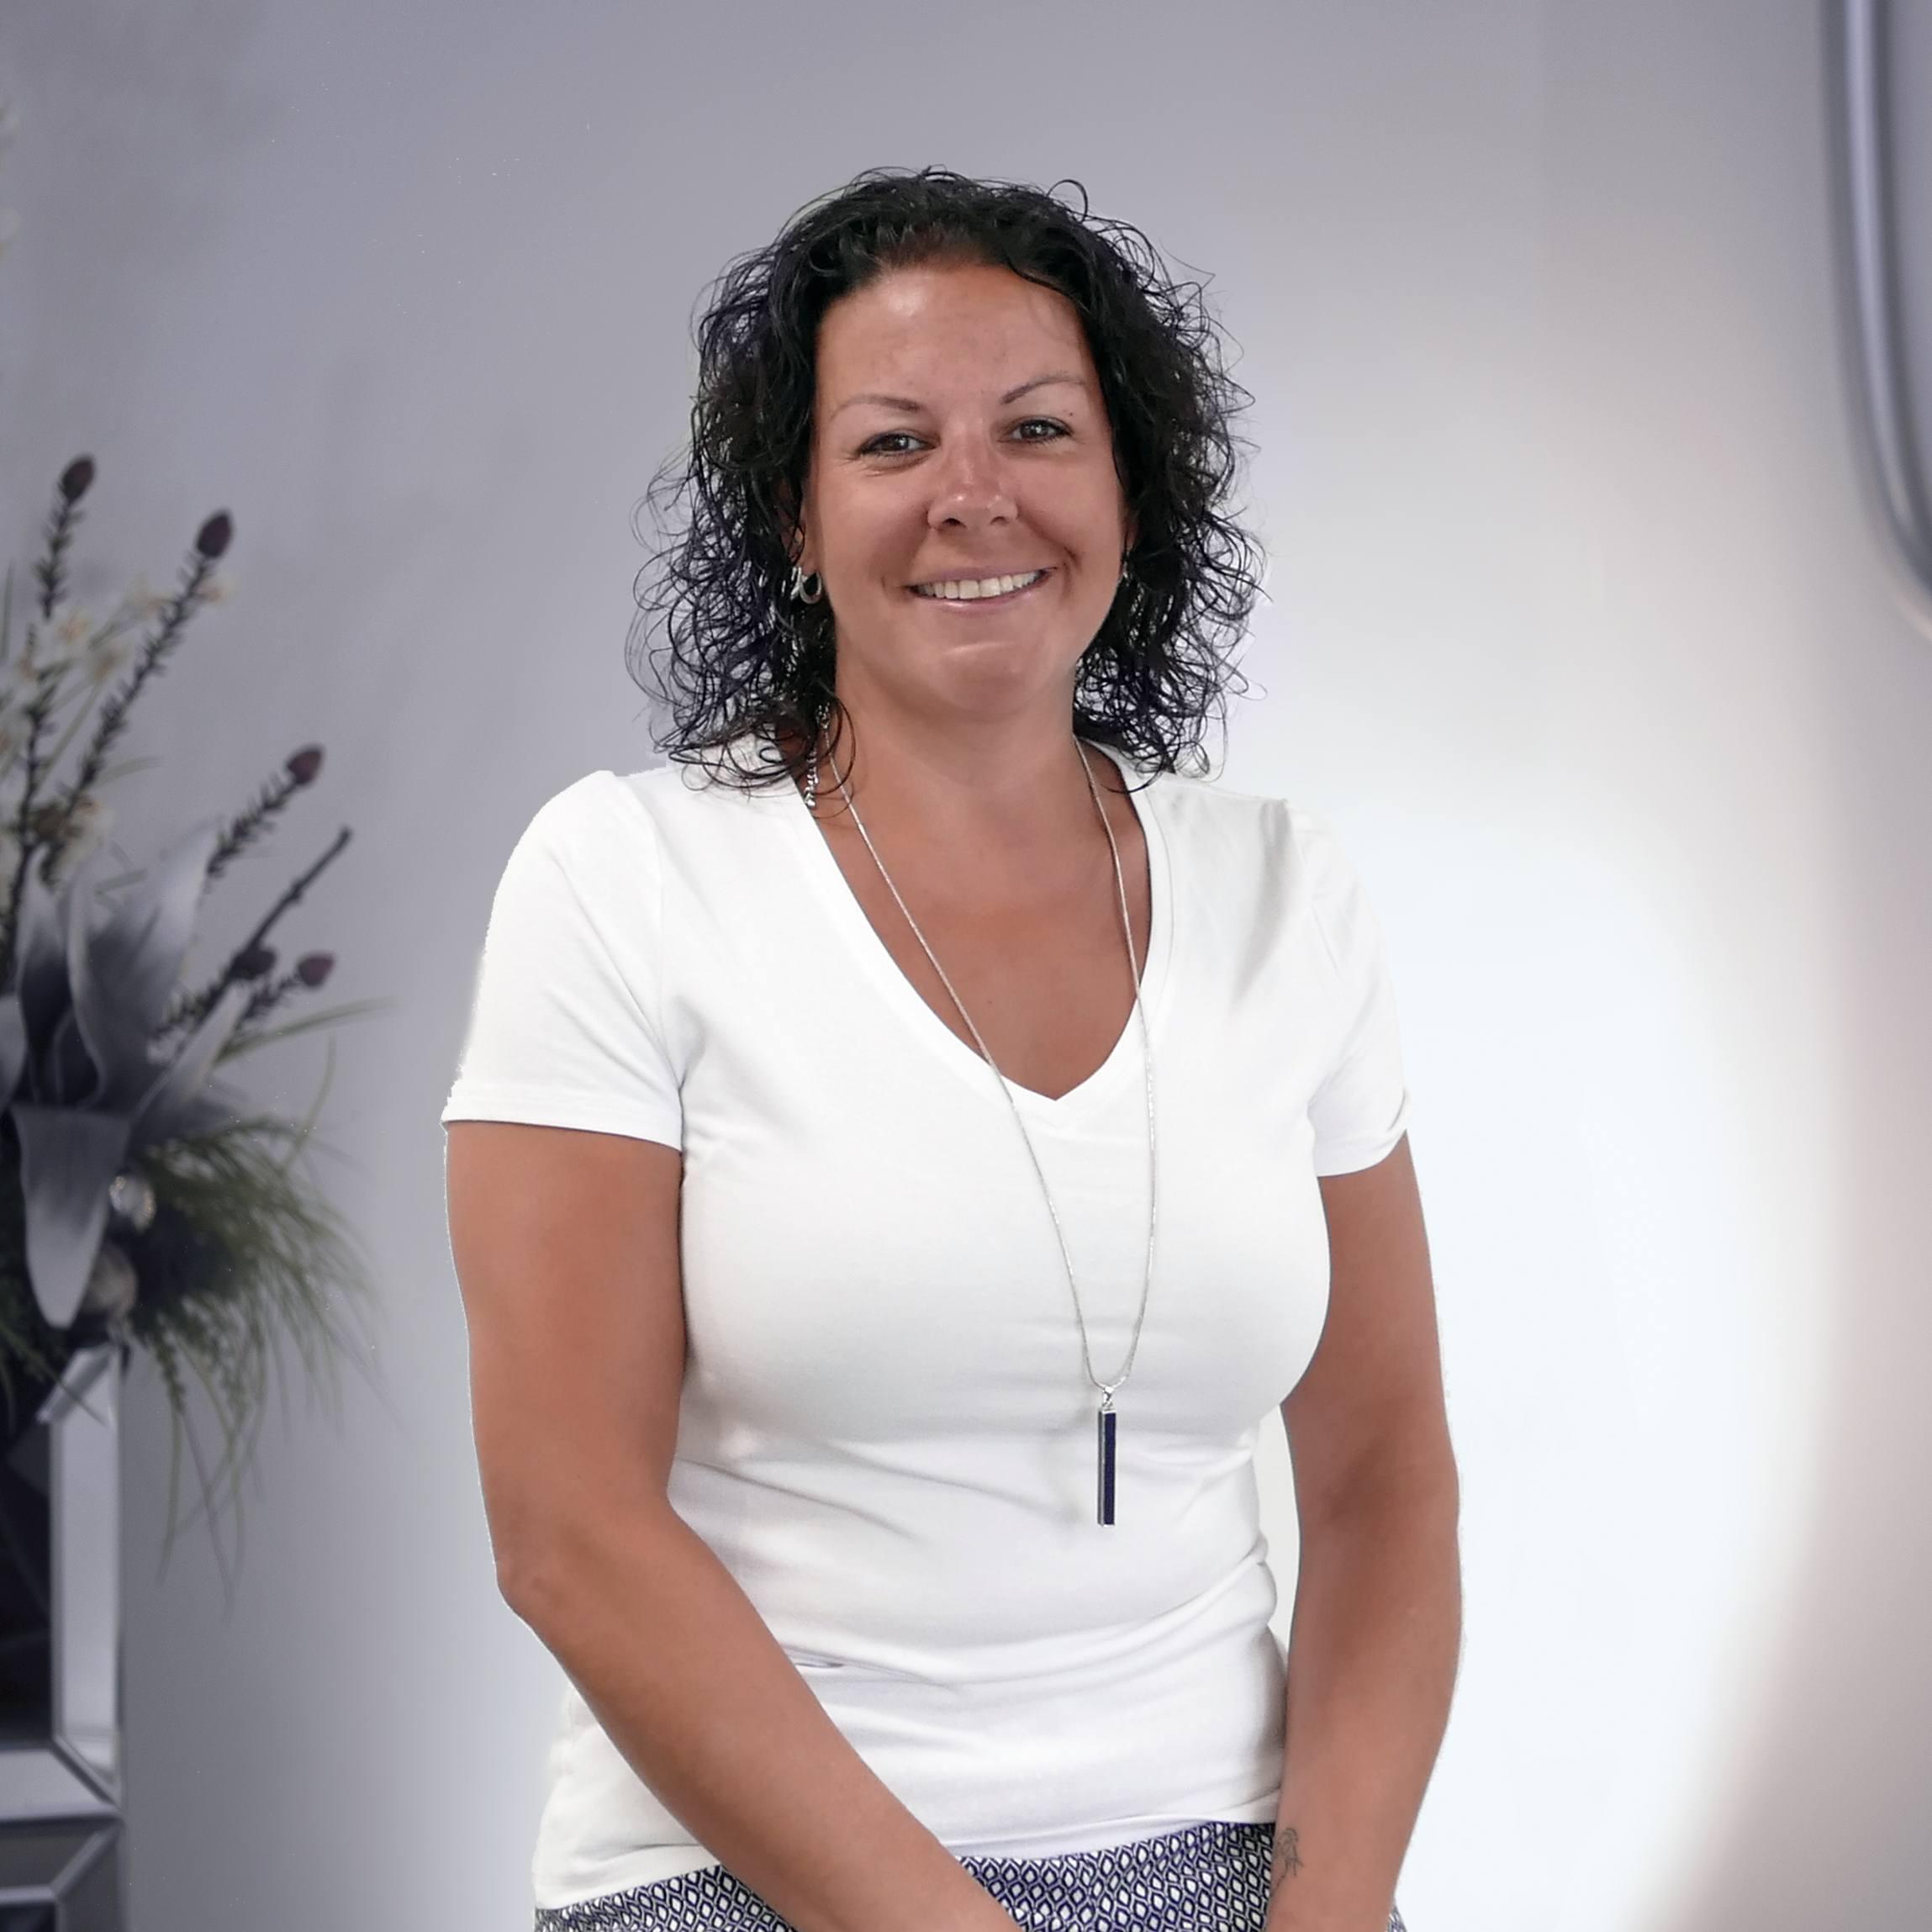 Michelle Barton